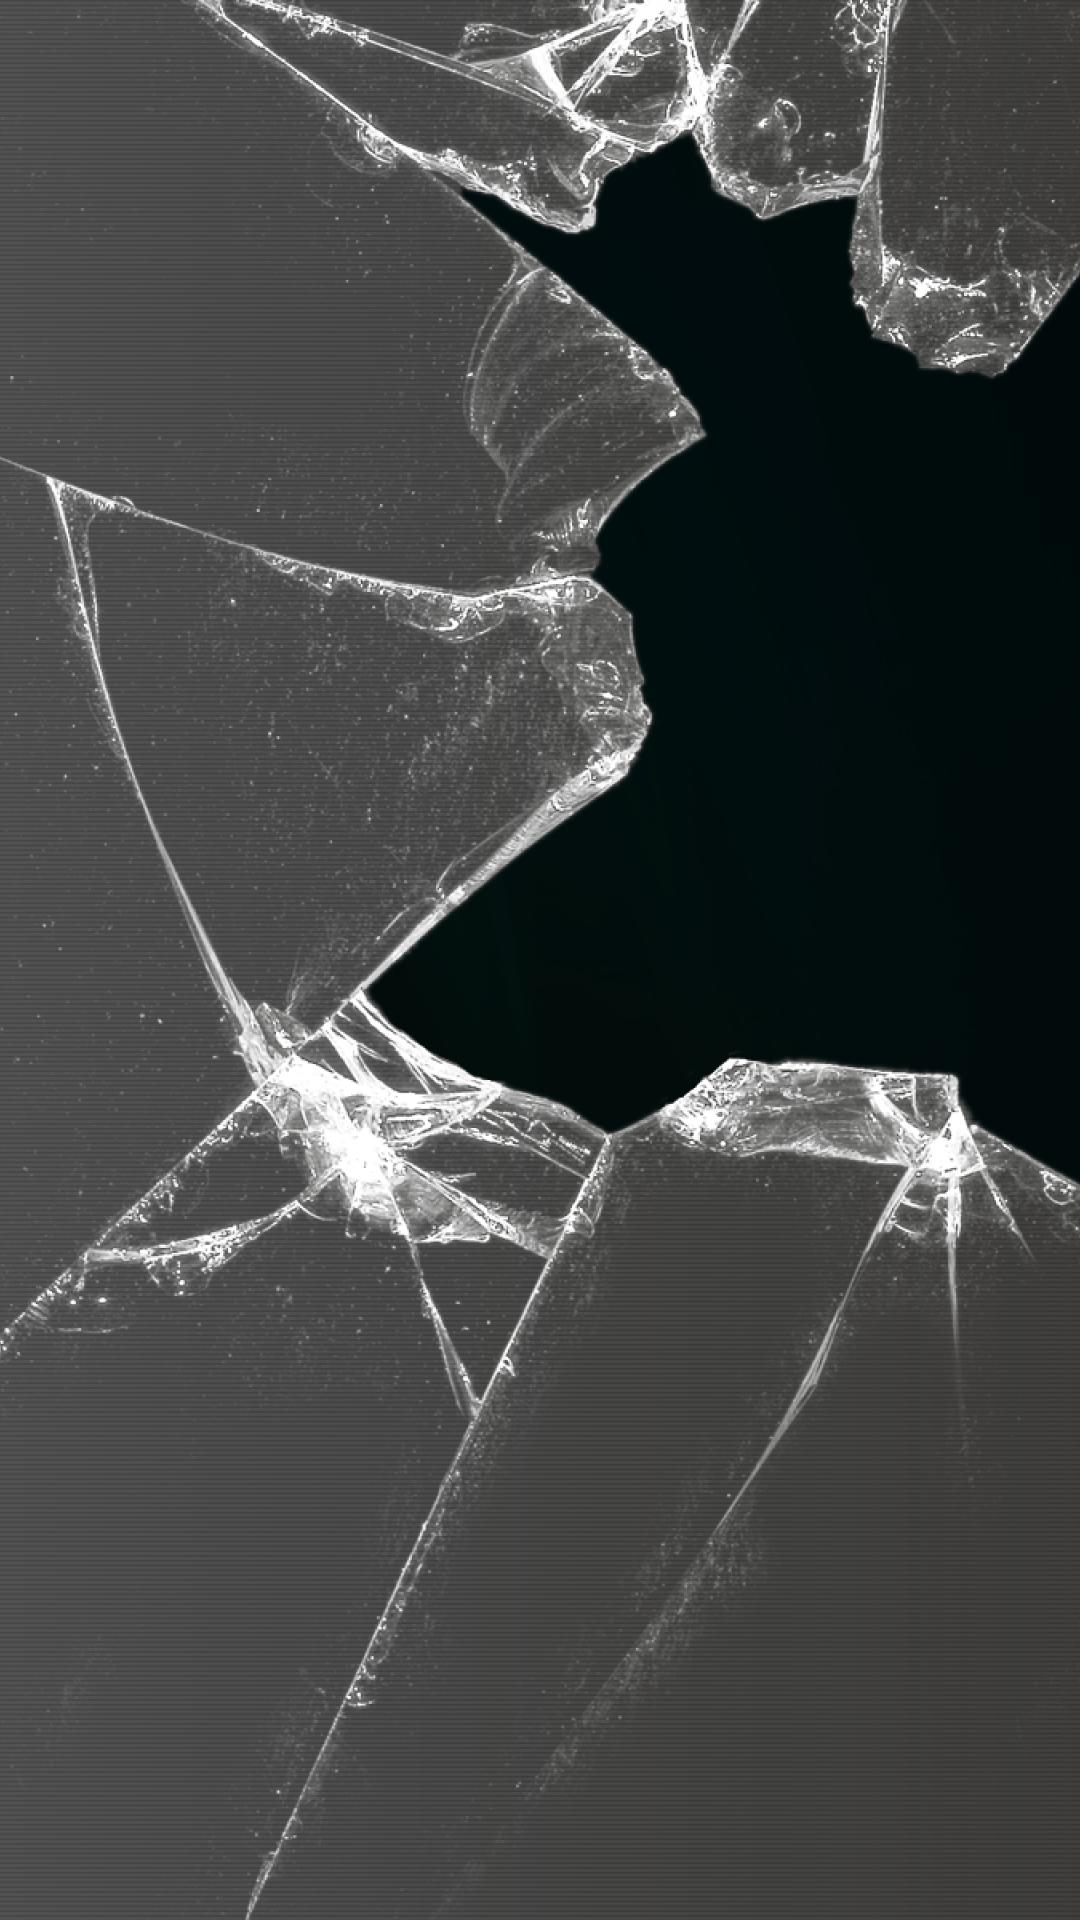 Iphone X Cracked Screen Wallpaper Broken Iphone Wallpapers Pixels Talk